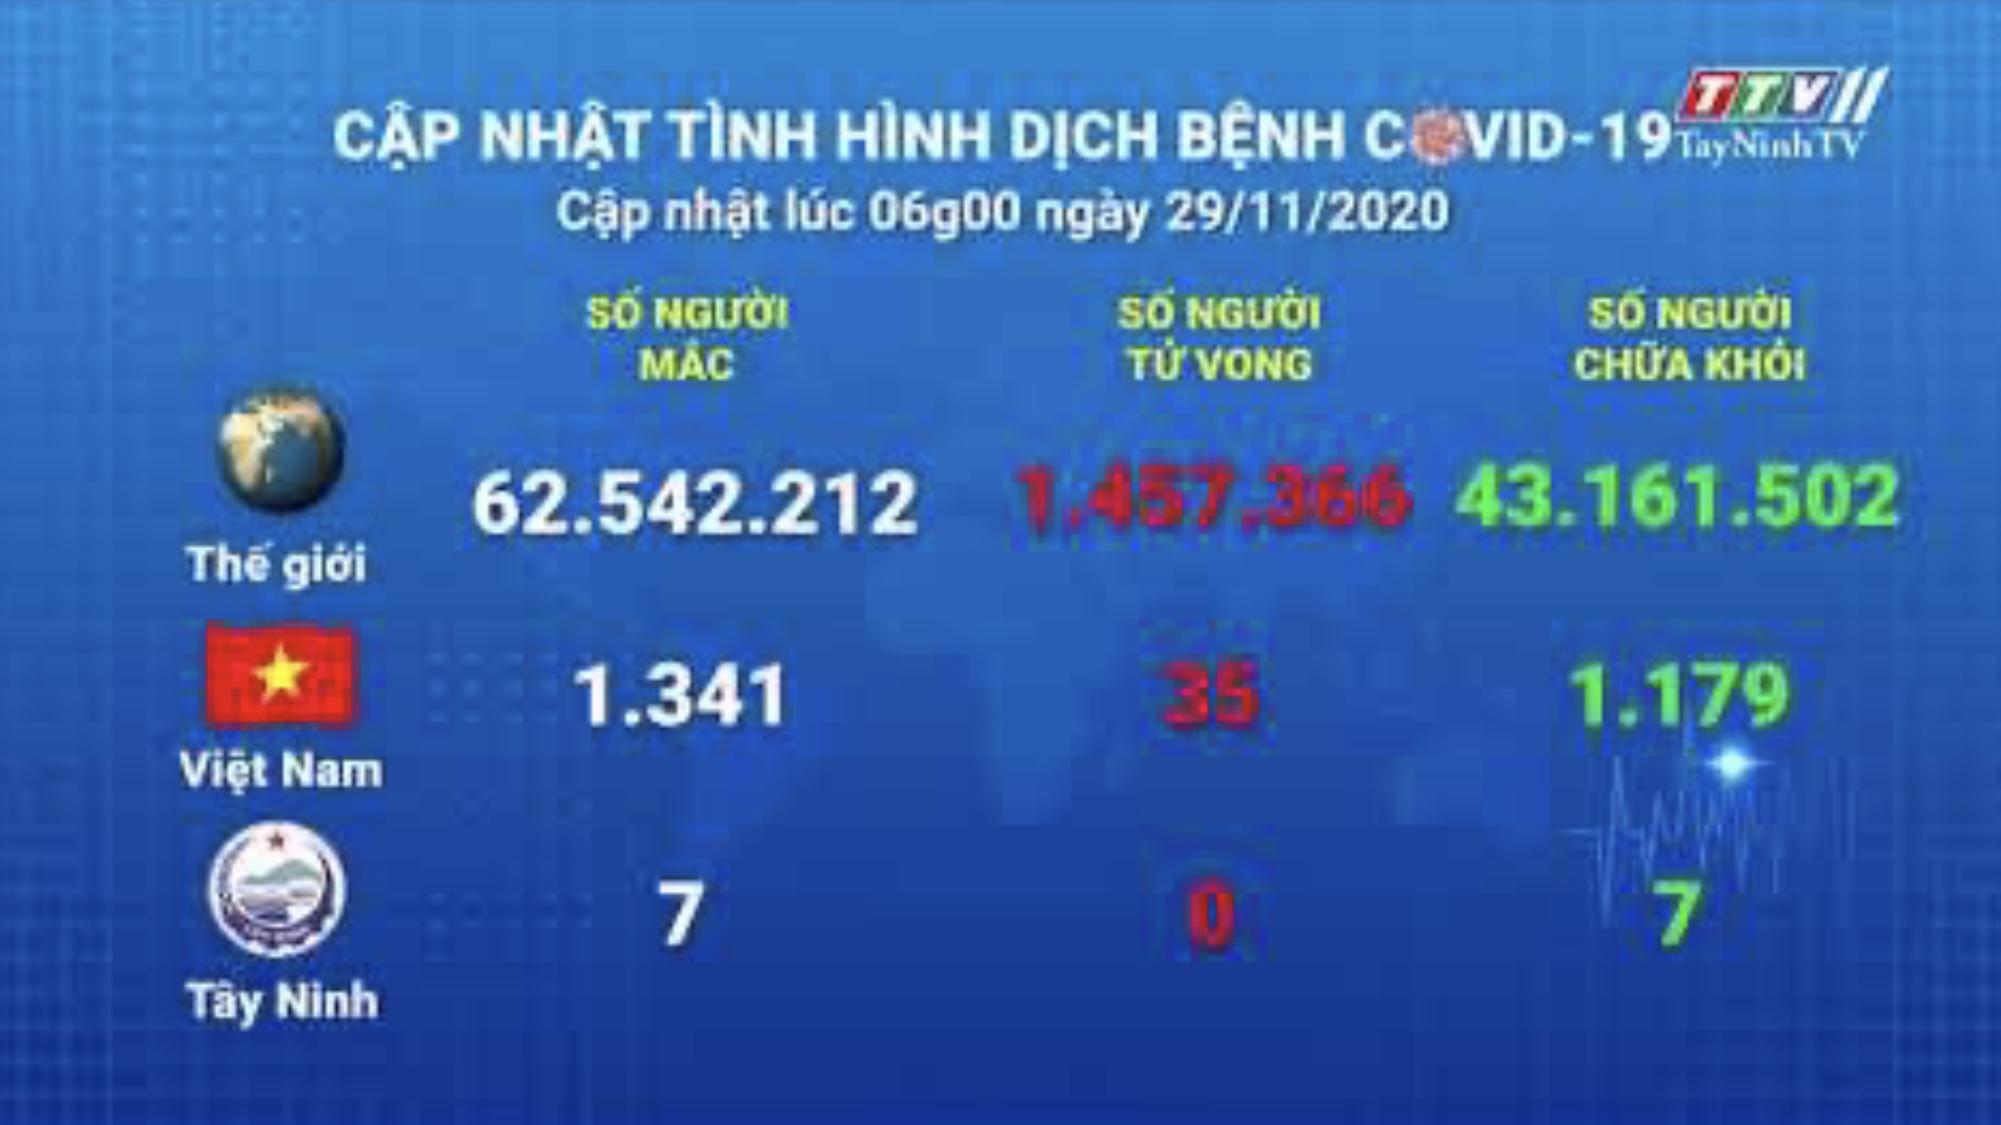 Cập nhật tình hình Covid-19 vào lúc 06 giờ 29-11-2020 | Thông tin dịch Covid-19 | TayNinhTV